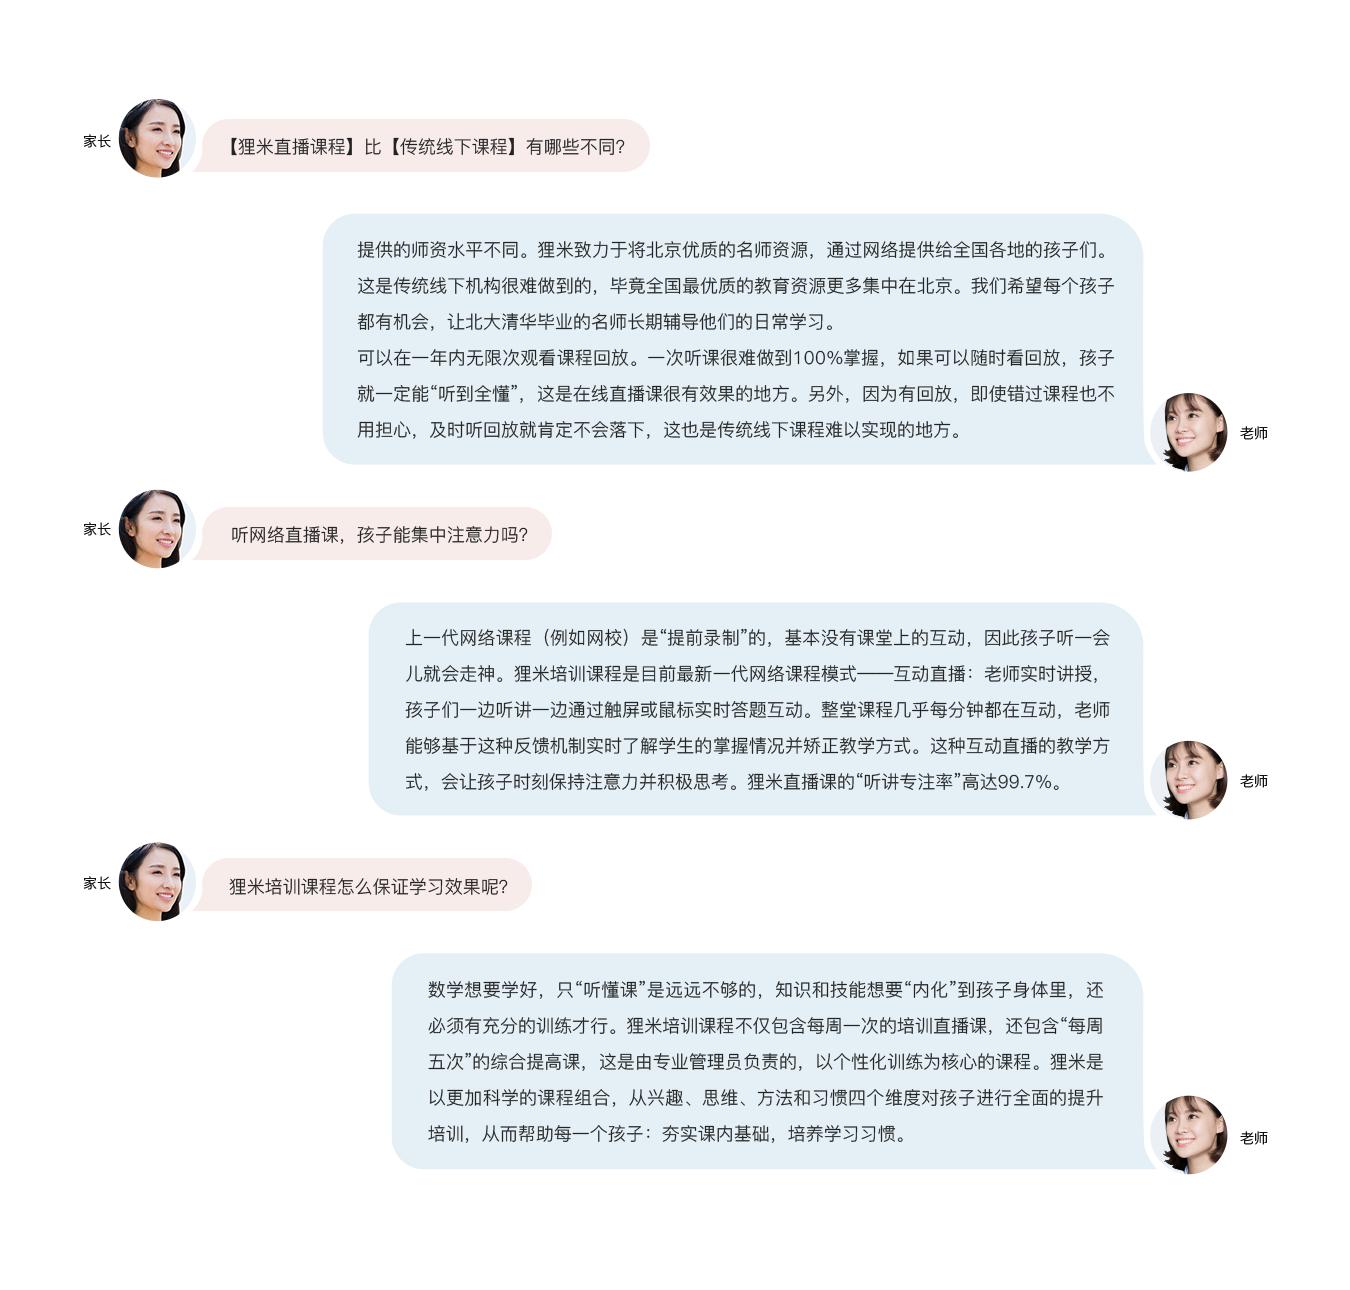 狸米网校,北京名师直播培训课程,课程大纲